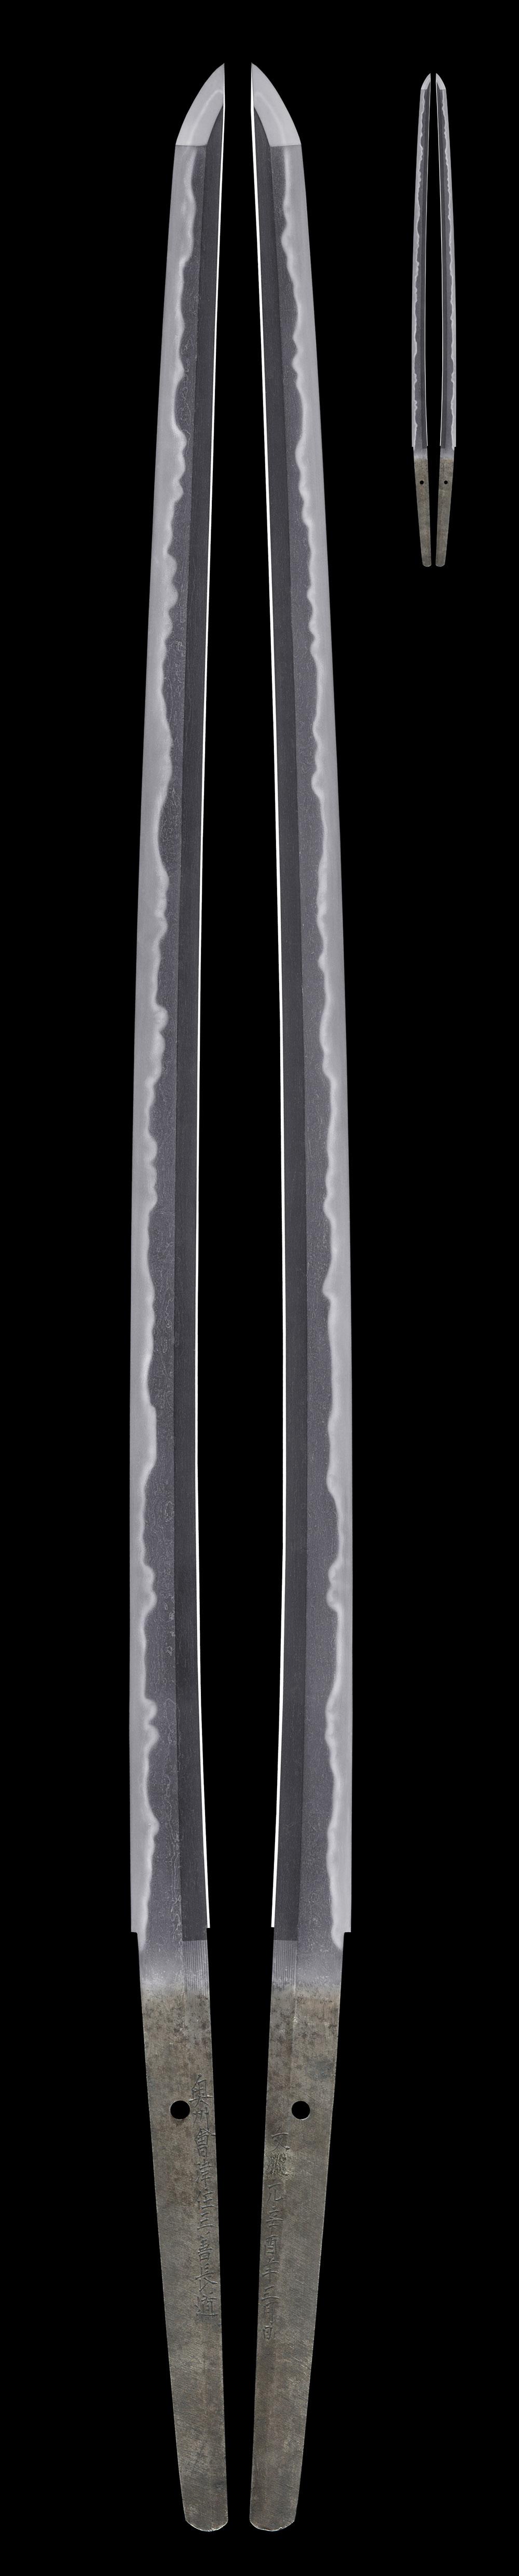 日本刀販売・通販・刀剣のサムライ商会TOPに戻る 日本刀・刀剣 |...  文久元辛酉年三月日